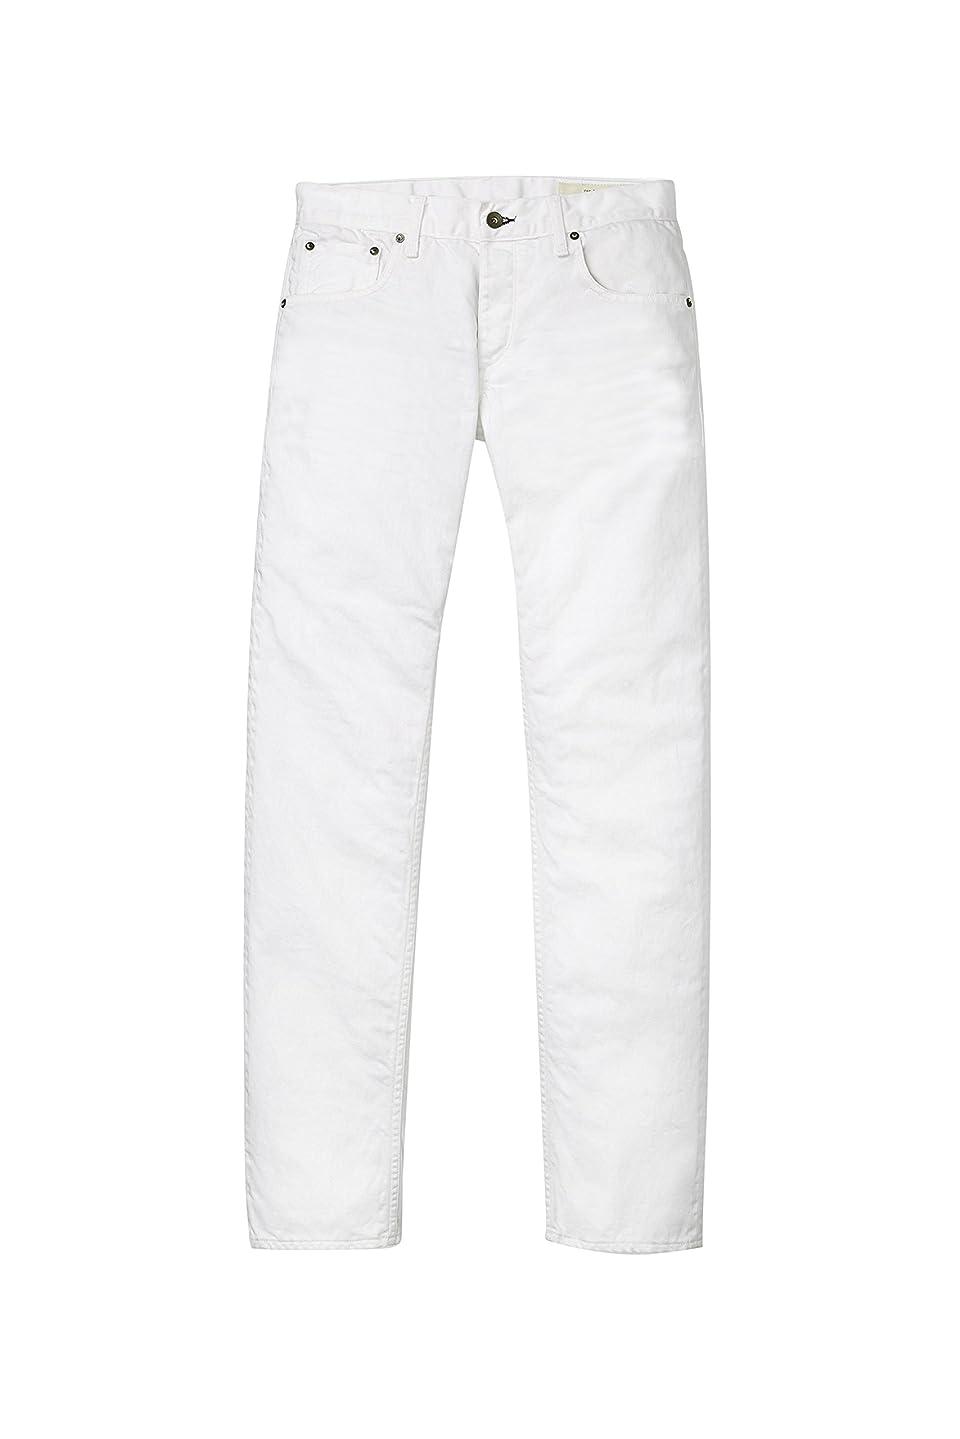 rag & bone Men's Standard Issue White Skinny Jeans